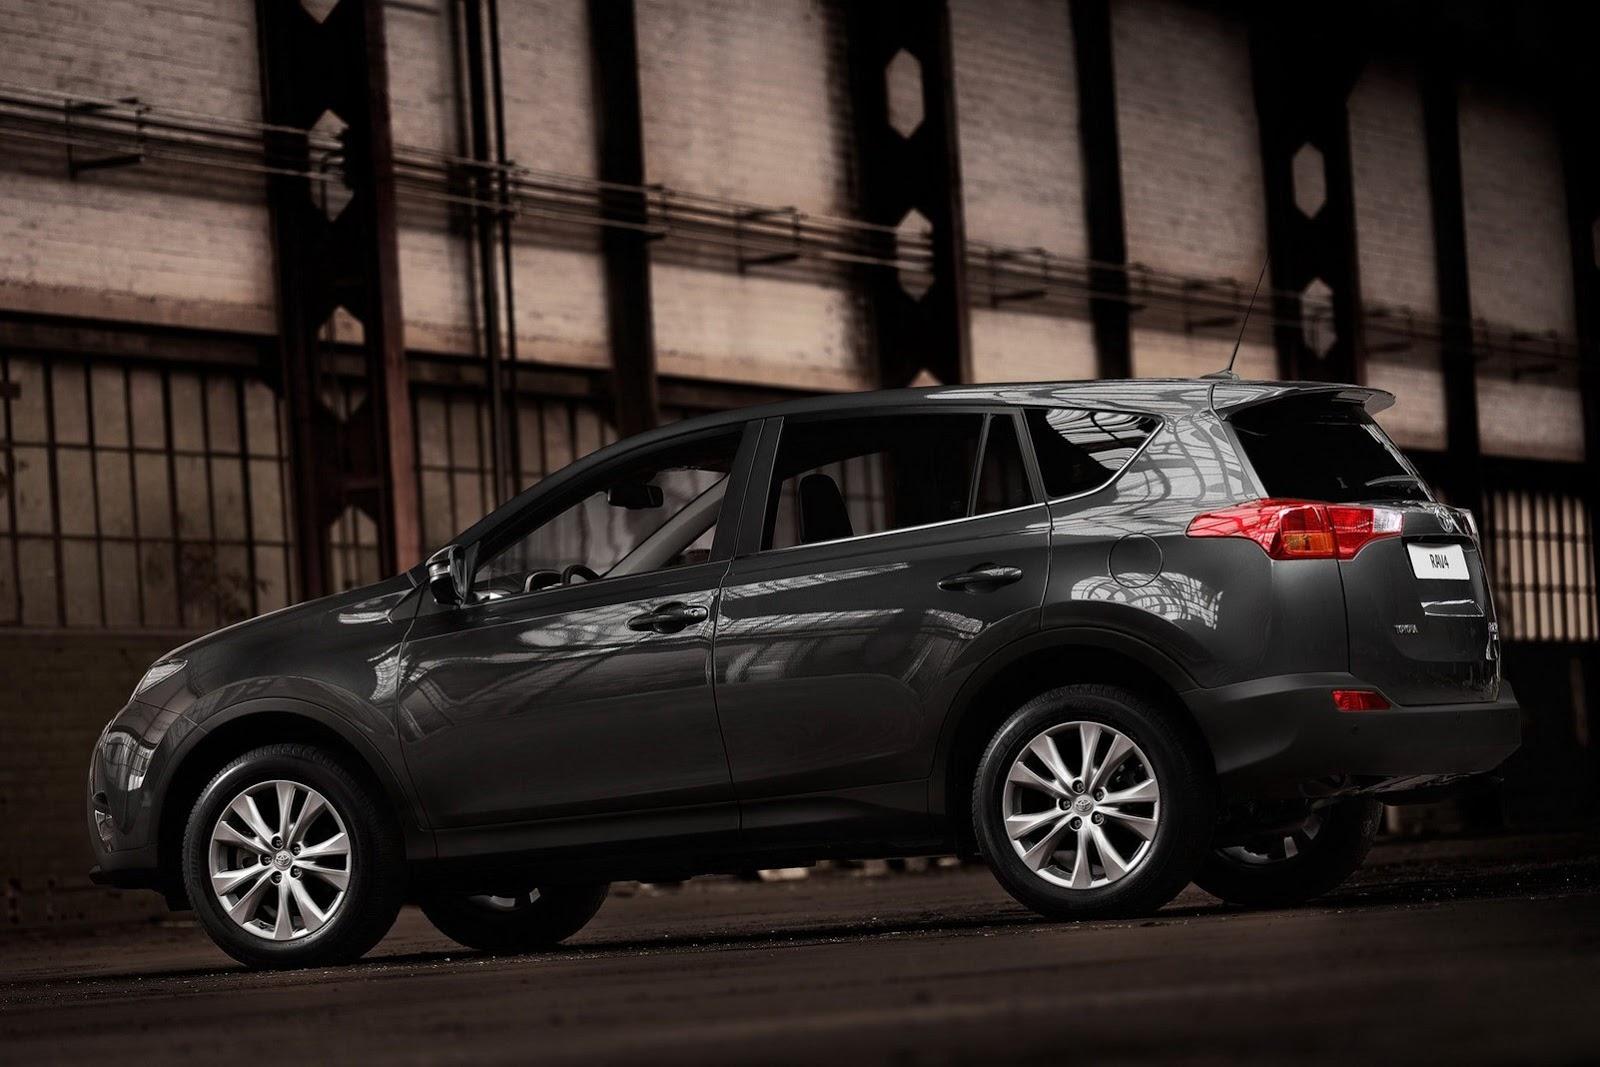 Carstyleblog опублікував перші фотографії нової Toyota RAV4.